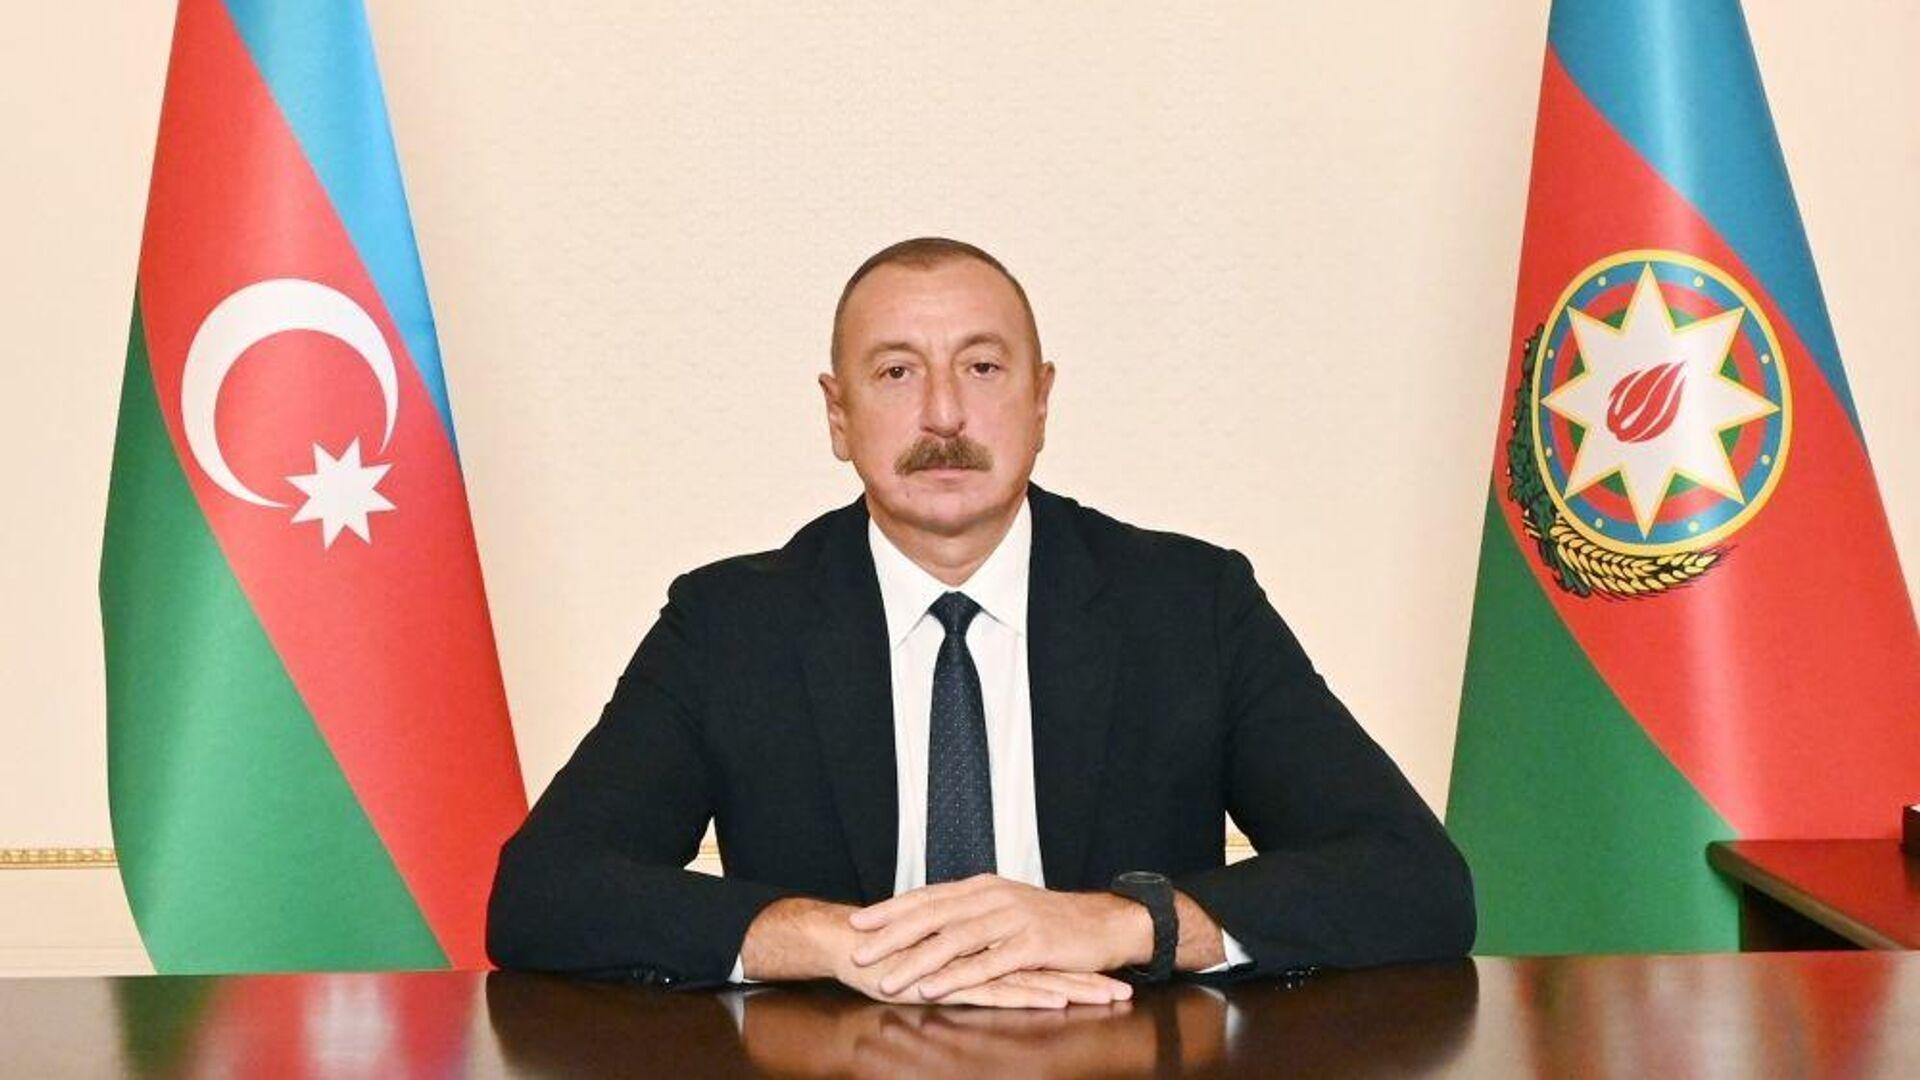 Prezident İlham Əliyev, arxiv şəkli - Sputnik Azərbaycan, 1920, 05.10.2021